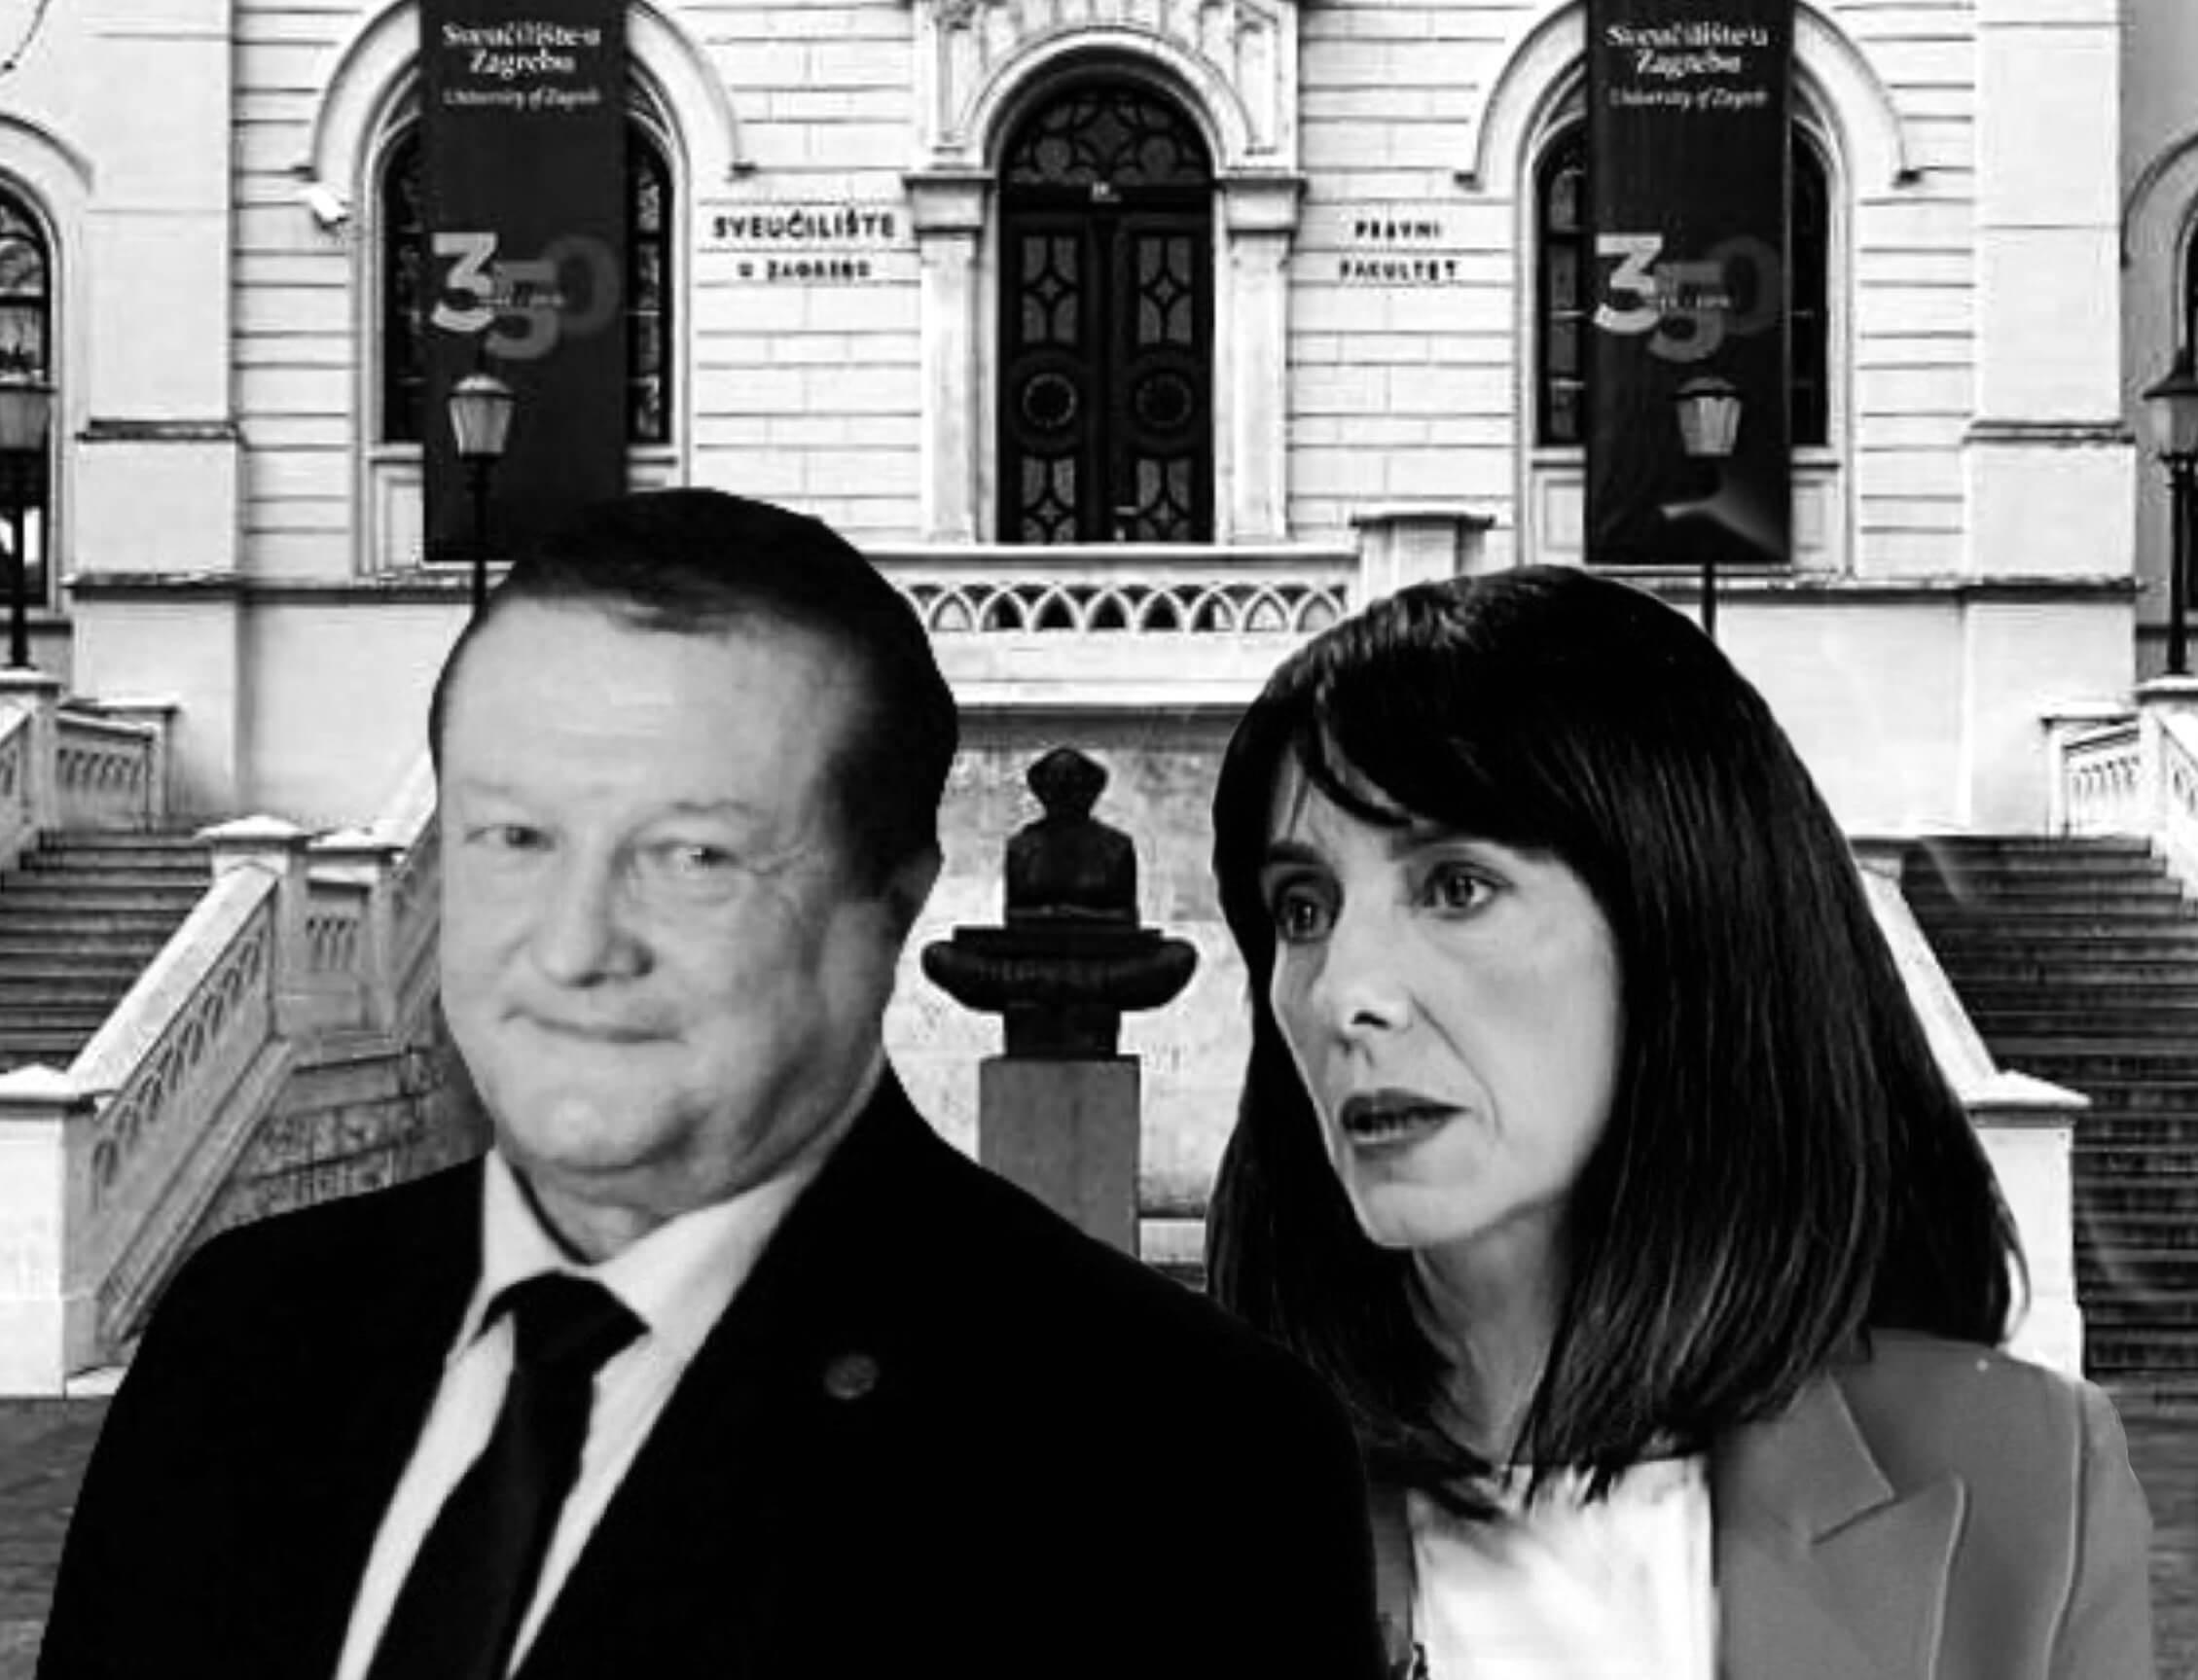 Blaženki Divjak novi je šef rektor Boras: Nakon 3 godine sukoba, bit će to 'tvrda kohabitacija'